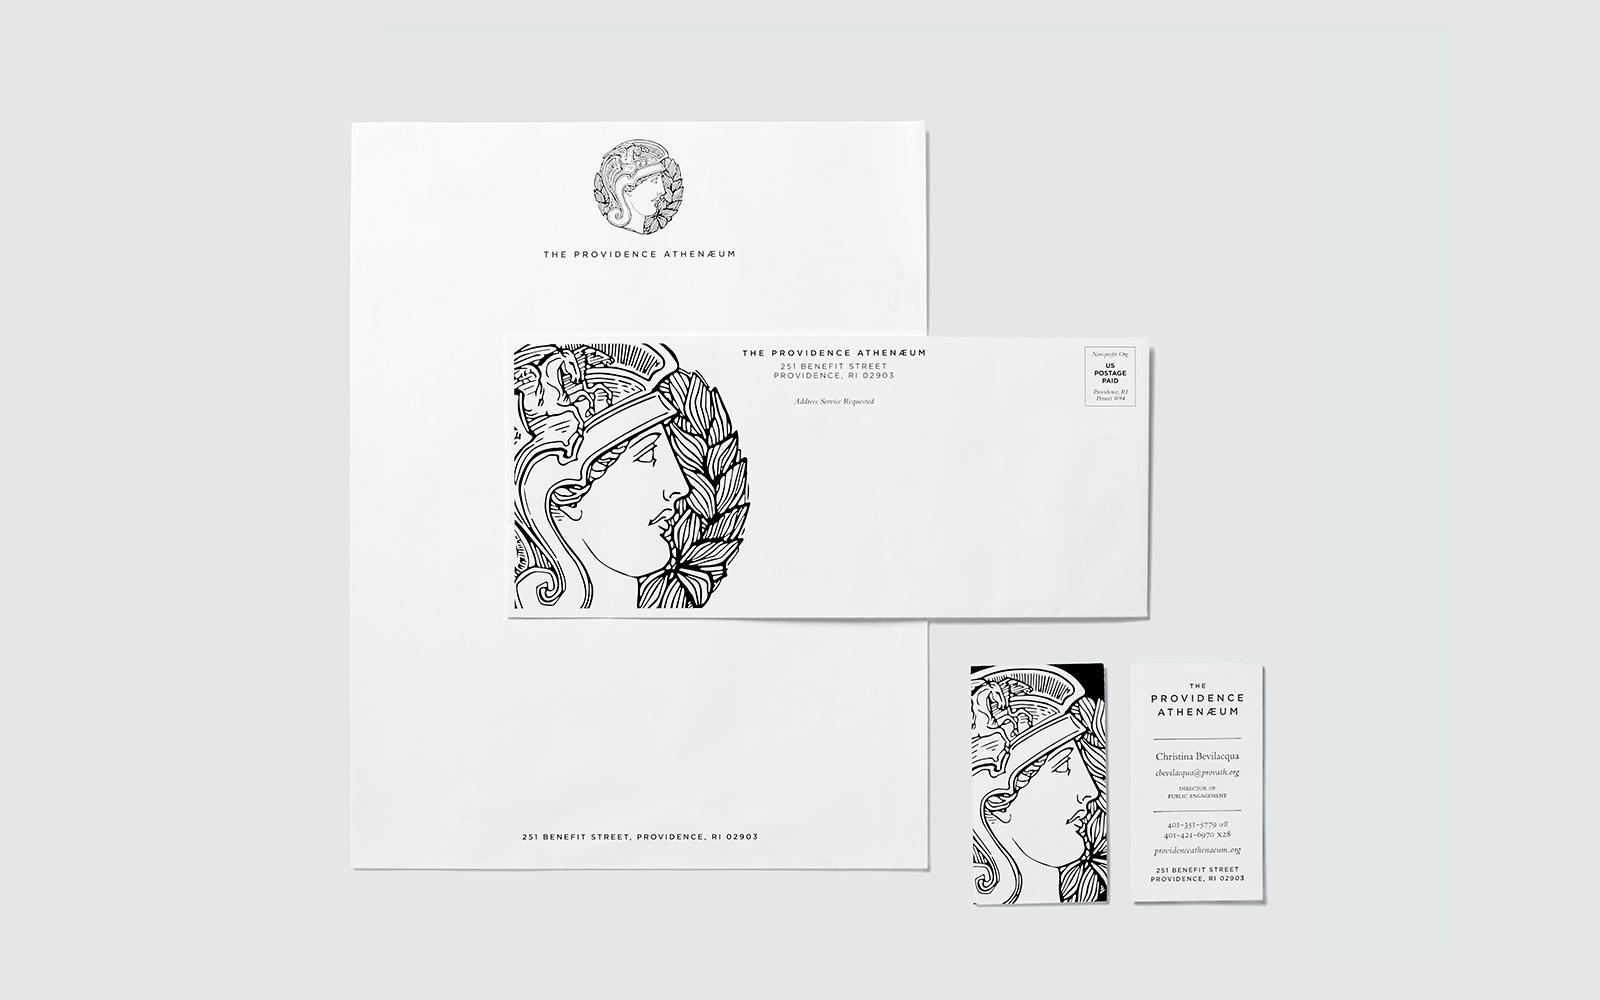 DesignAgency_ATH_letterhead